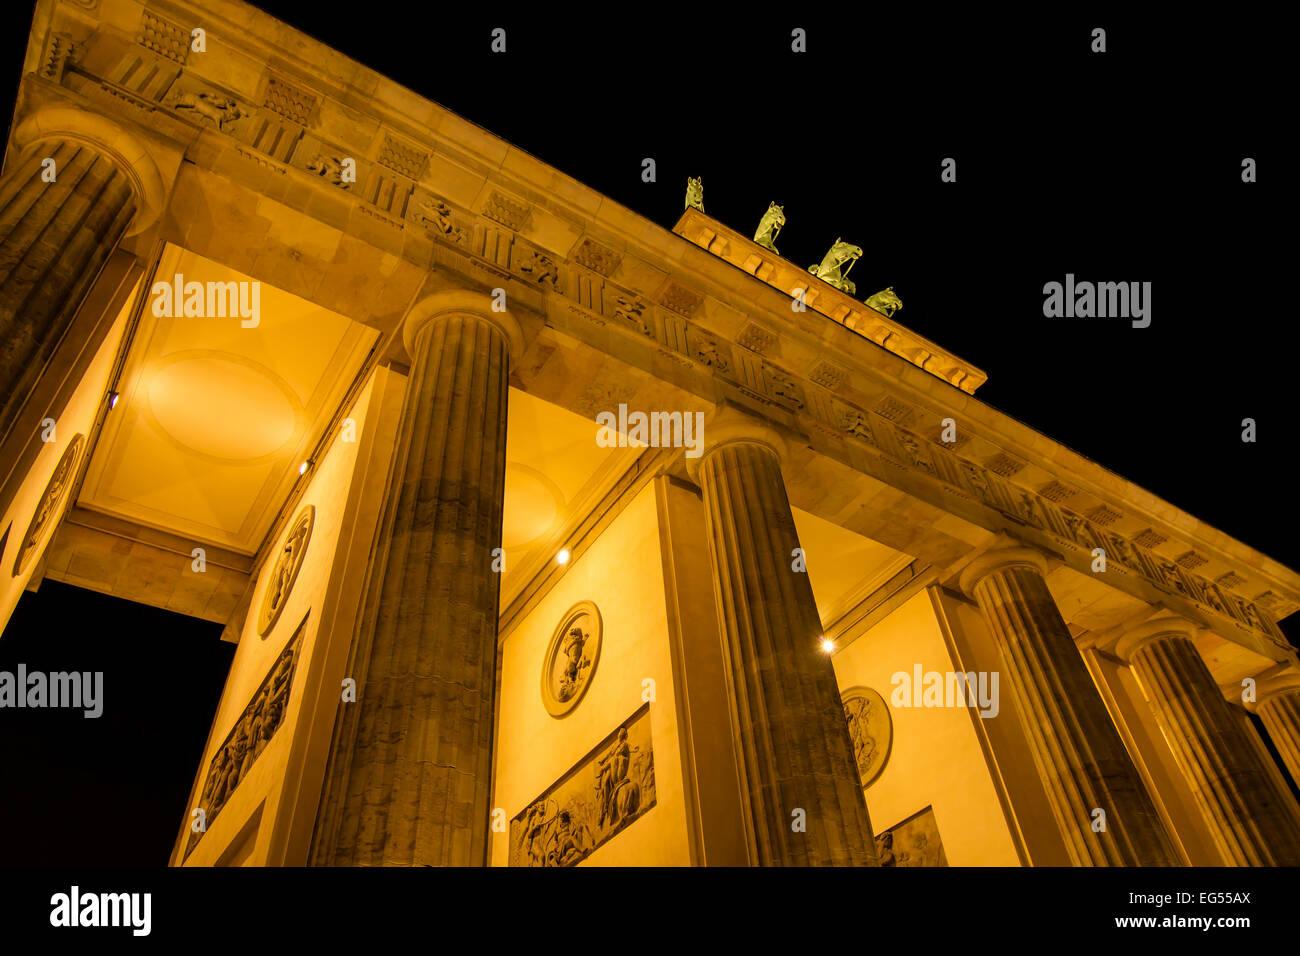 Por la noche, la Puerta de Brandenburgo, en Berlín, Alemania Foto de stock